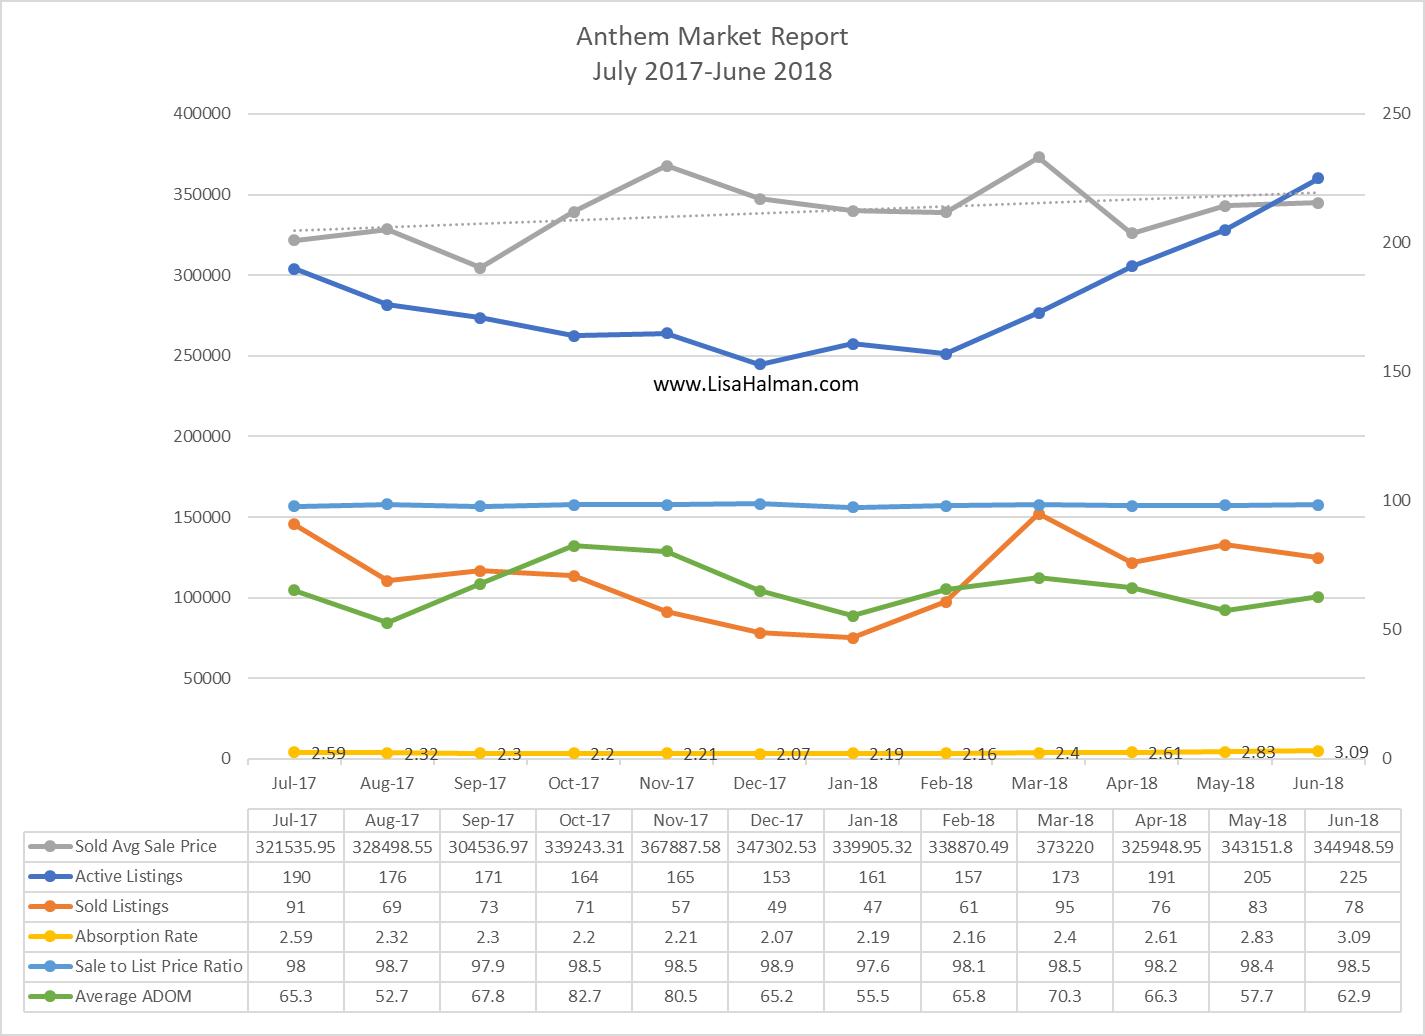 Anthem Market Update June 2018